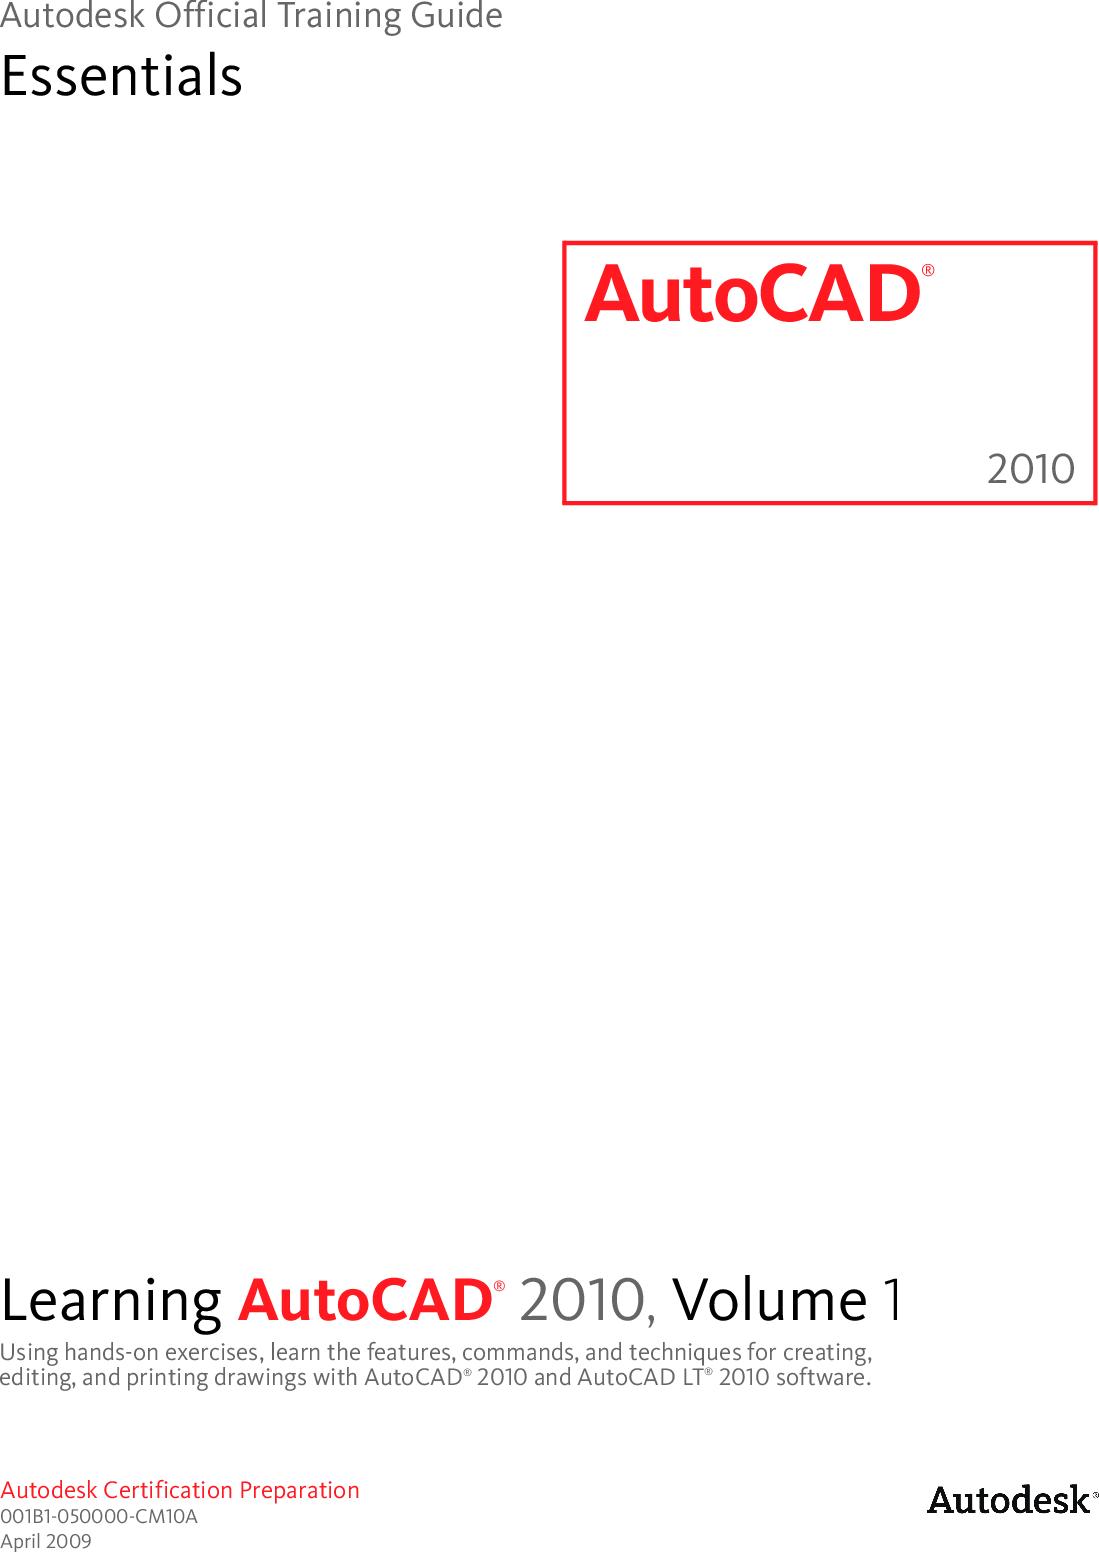 Autodesk Auto CAD 2010 Official Training Guide CAD2010 TG EN